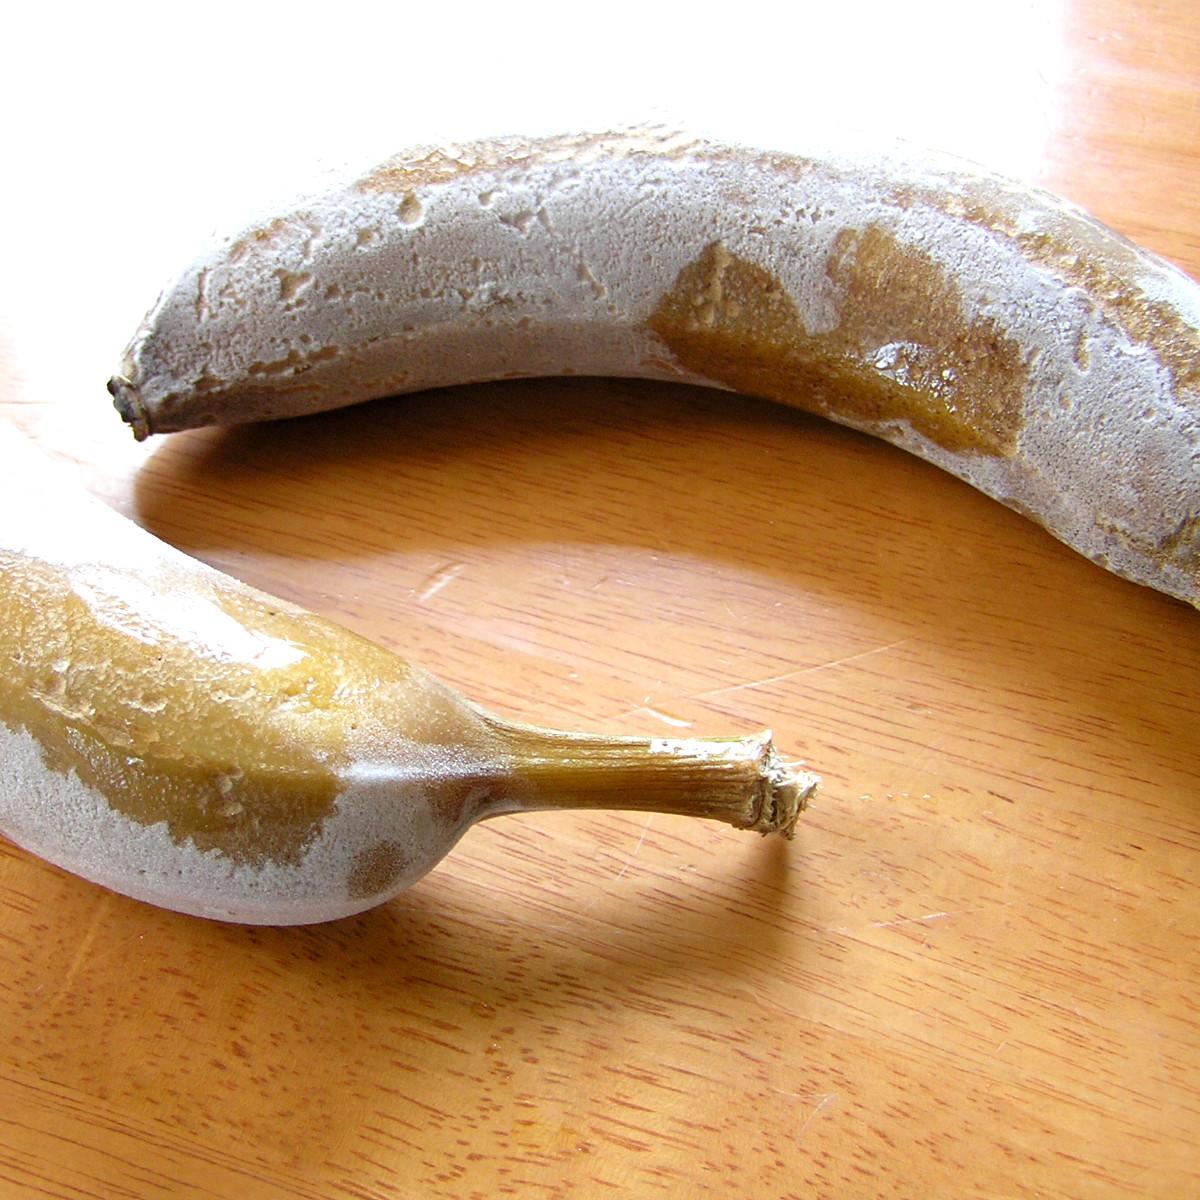 como-congelar-papinhas-congelar-banana